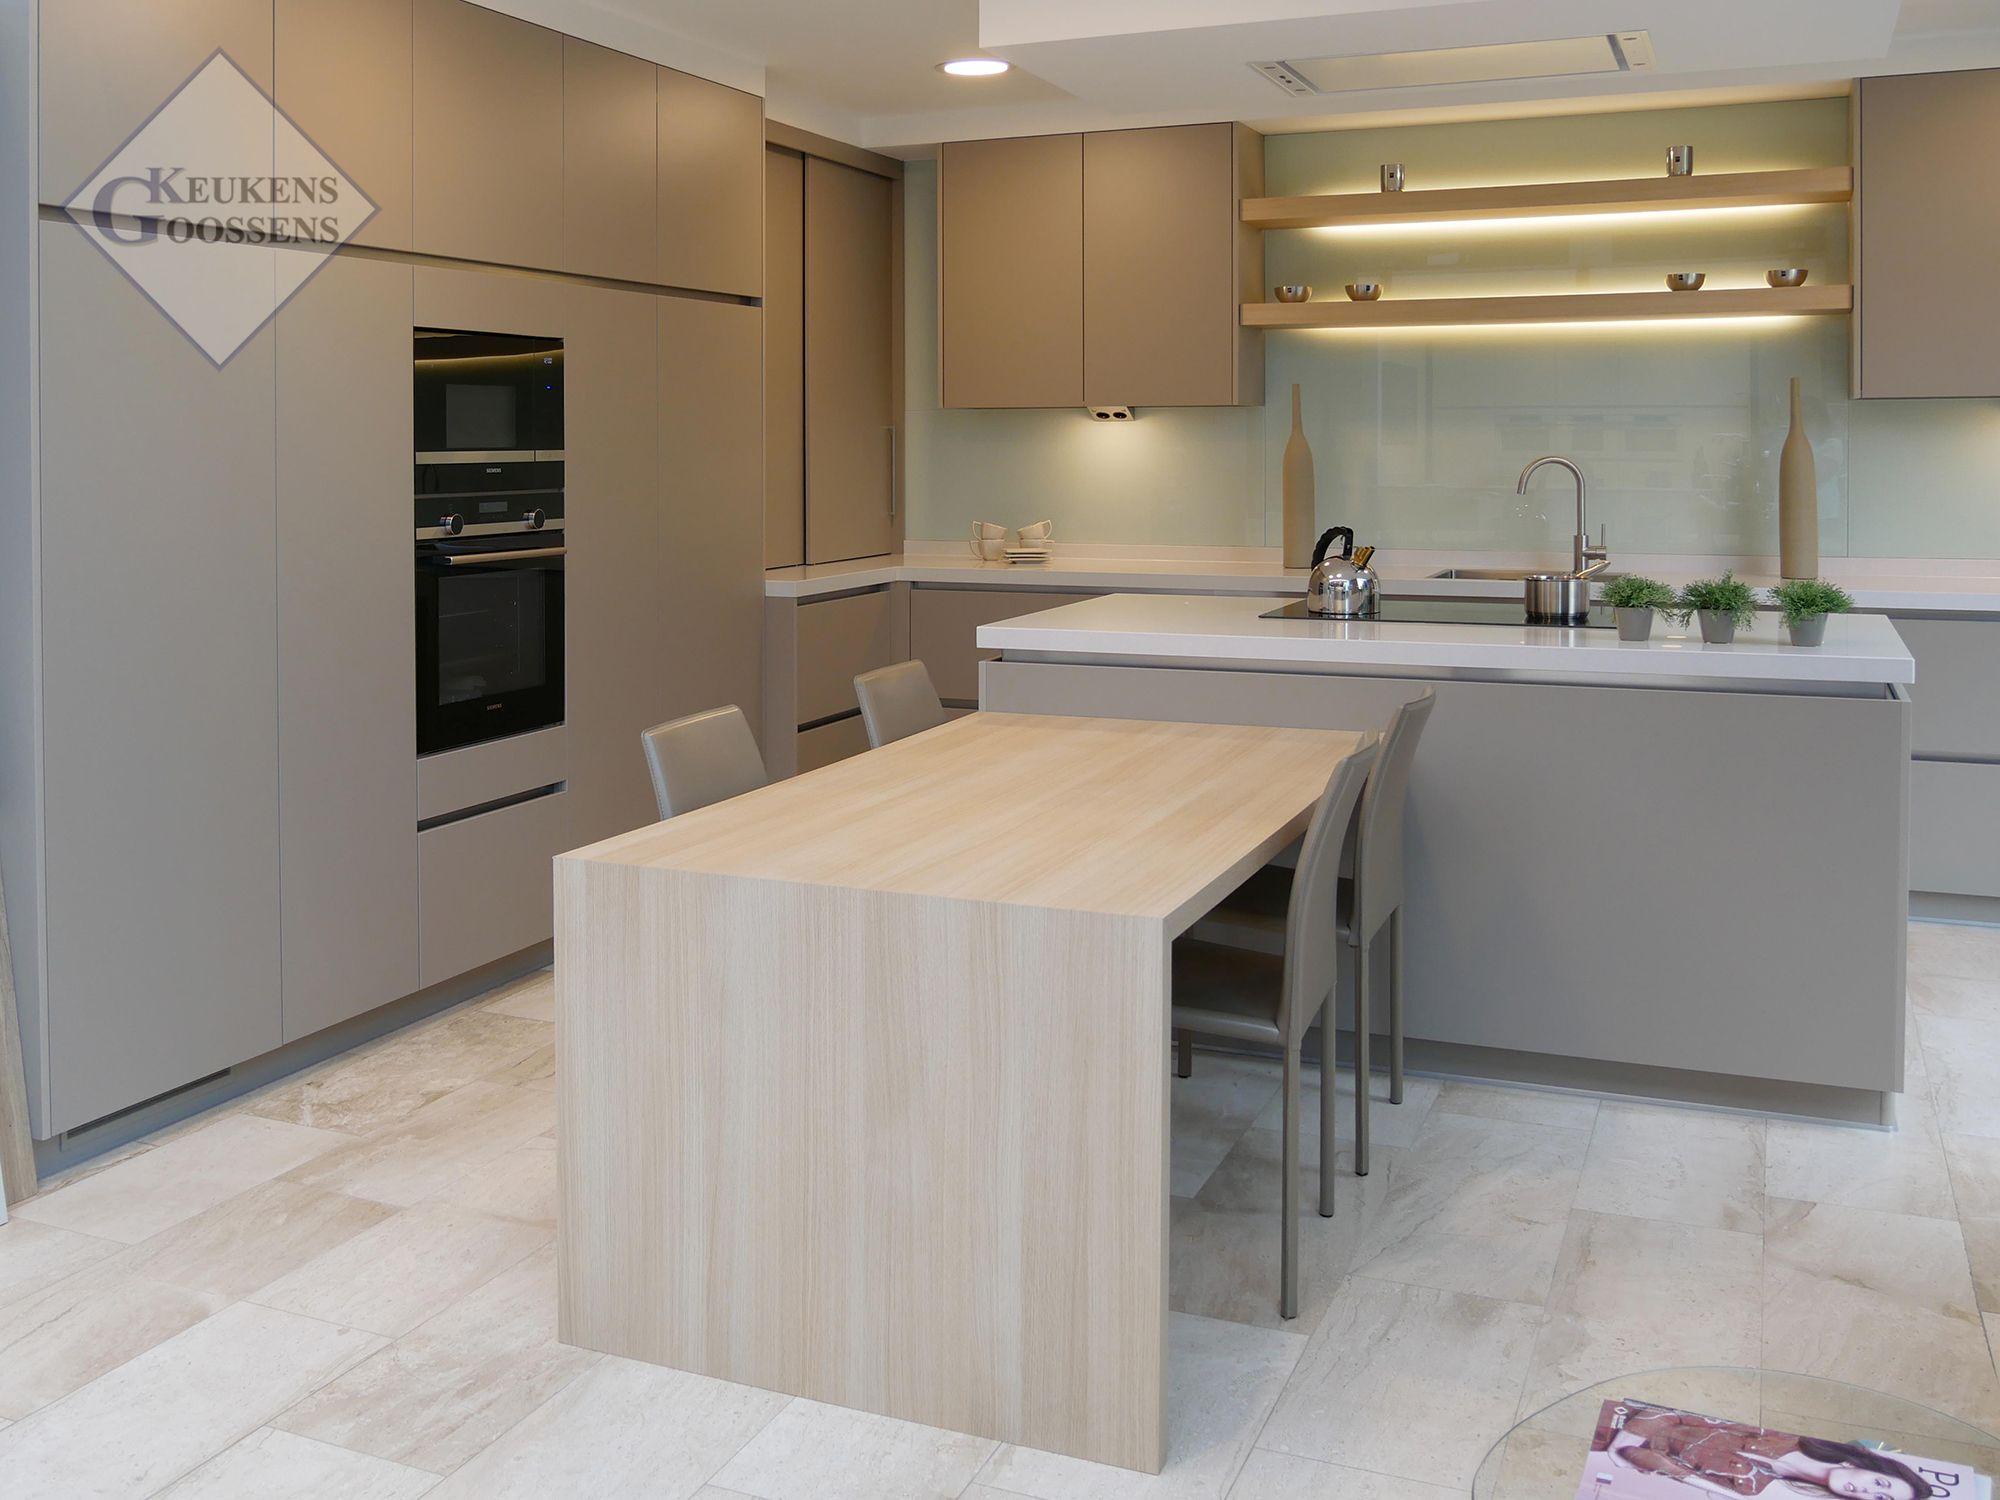 Goossens Keukens Moderne Keuken Toonzaal Turtle Grey Pelt Moderne Keukens Moderne Keuken Keuken